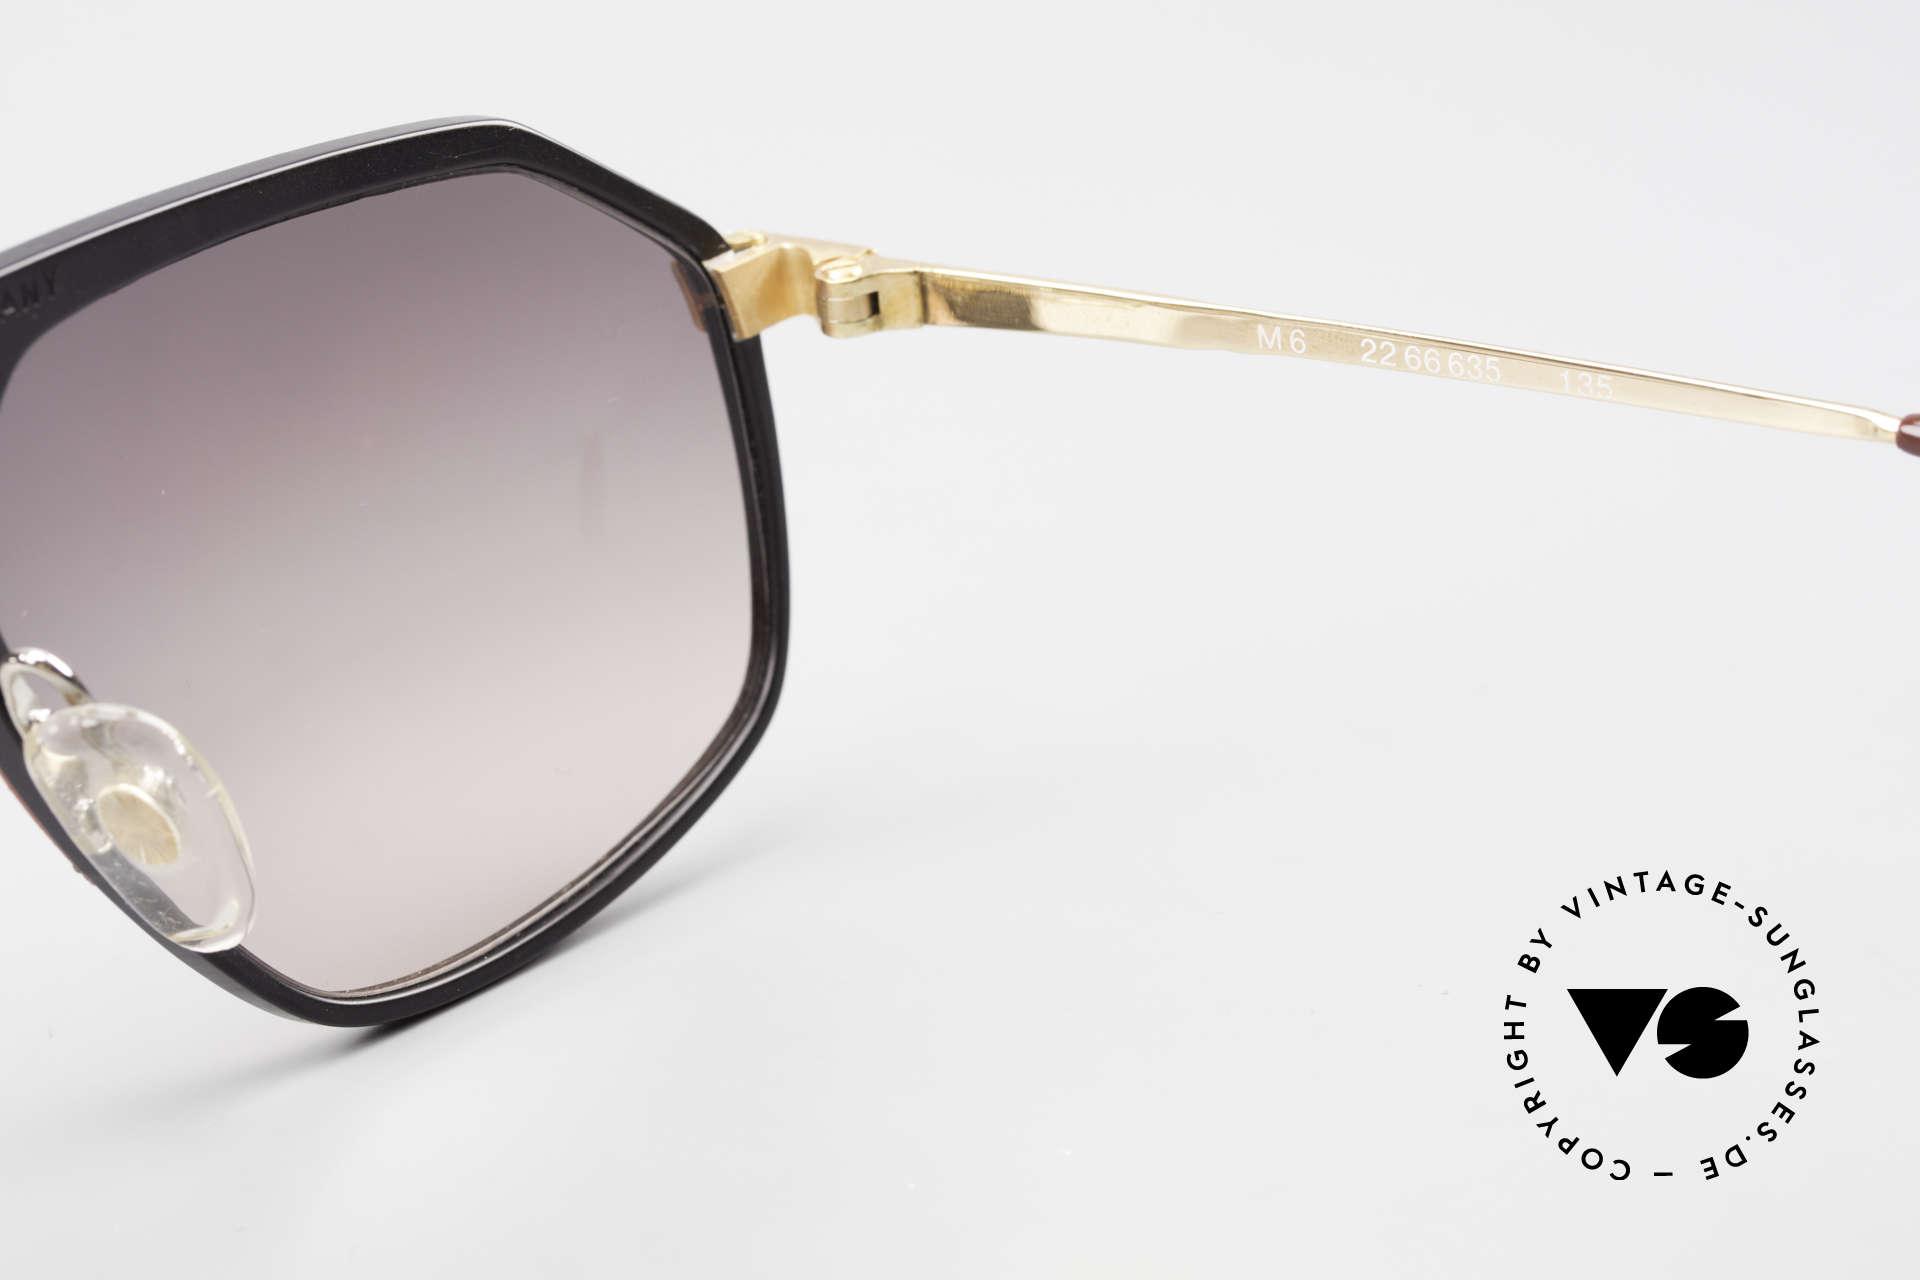 Alpina M6 Rare Vintage 80er Sonnenbrille, Größe: medium, Passend für Herren und Damen